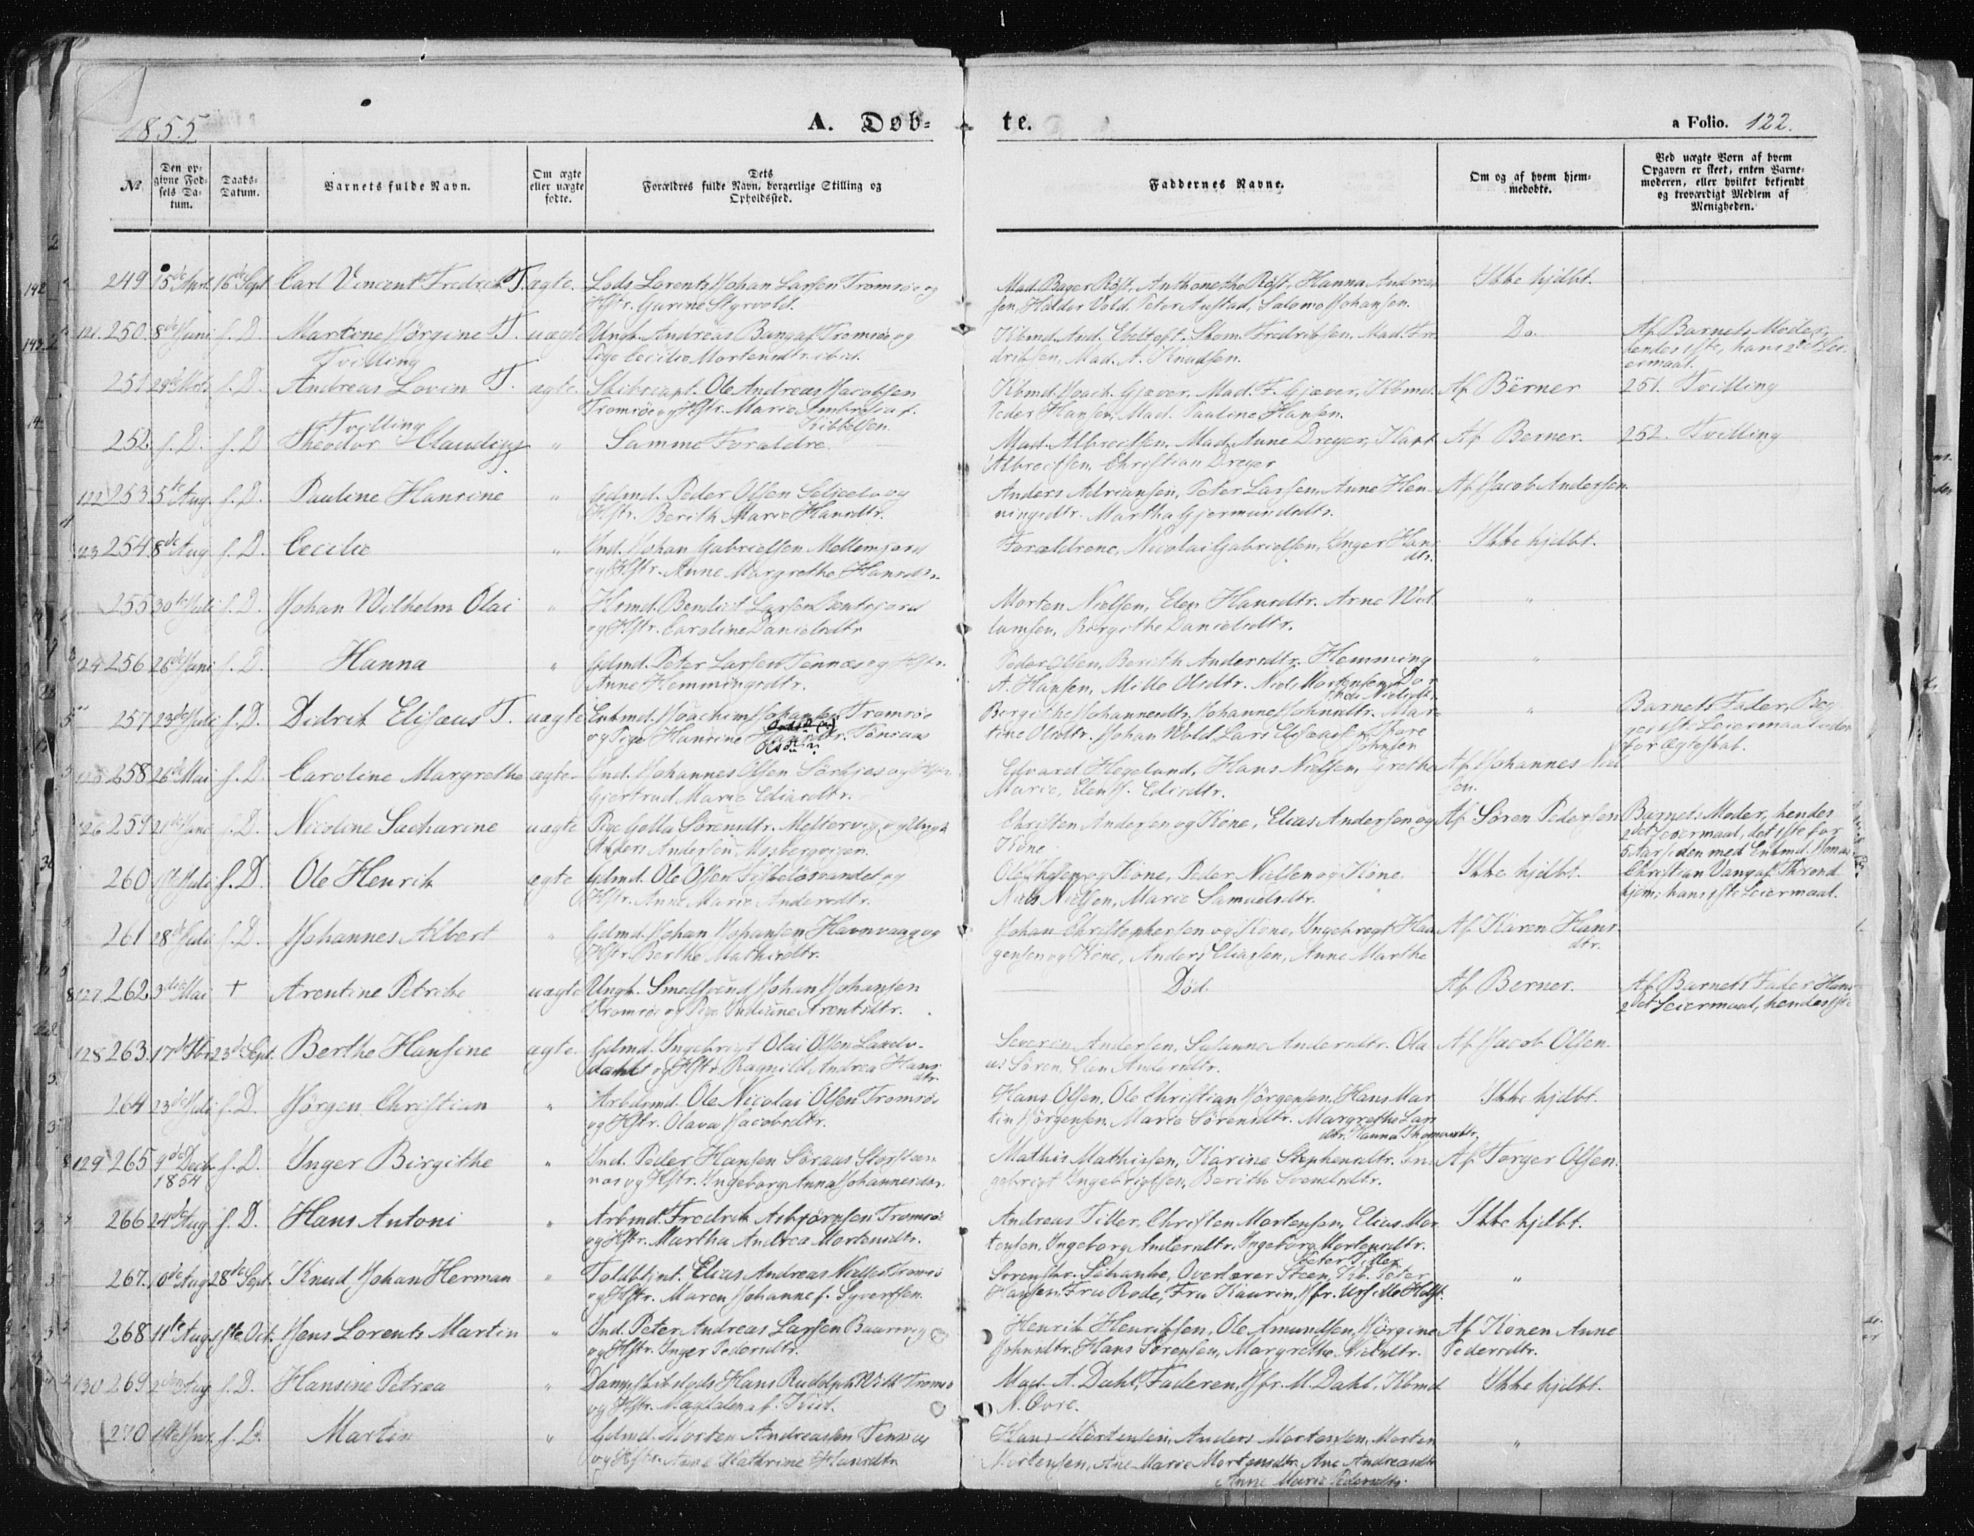 SATØ, Tromsø sokneprestkontor/stiftsprosti/domprosti, G/Ga/L0010kirke: Ministerialbok nr. 10, 1848-1855, s. 122